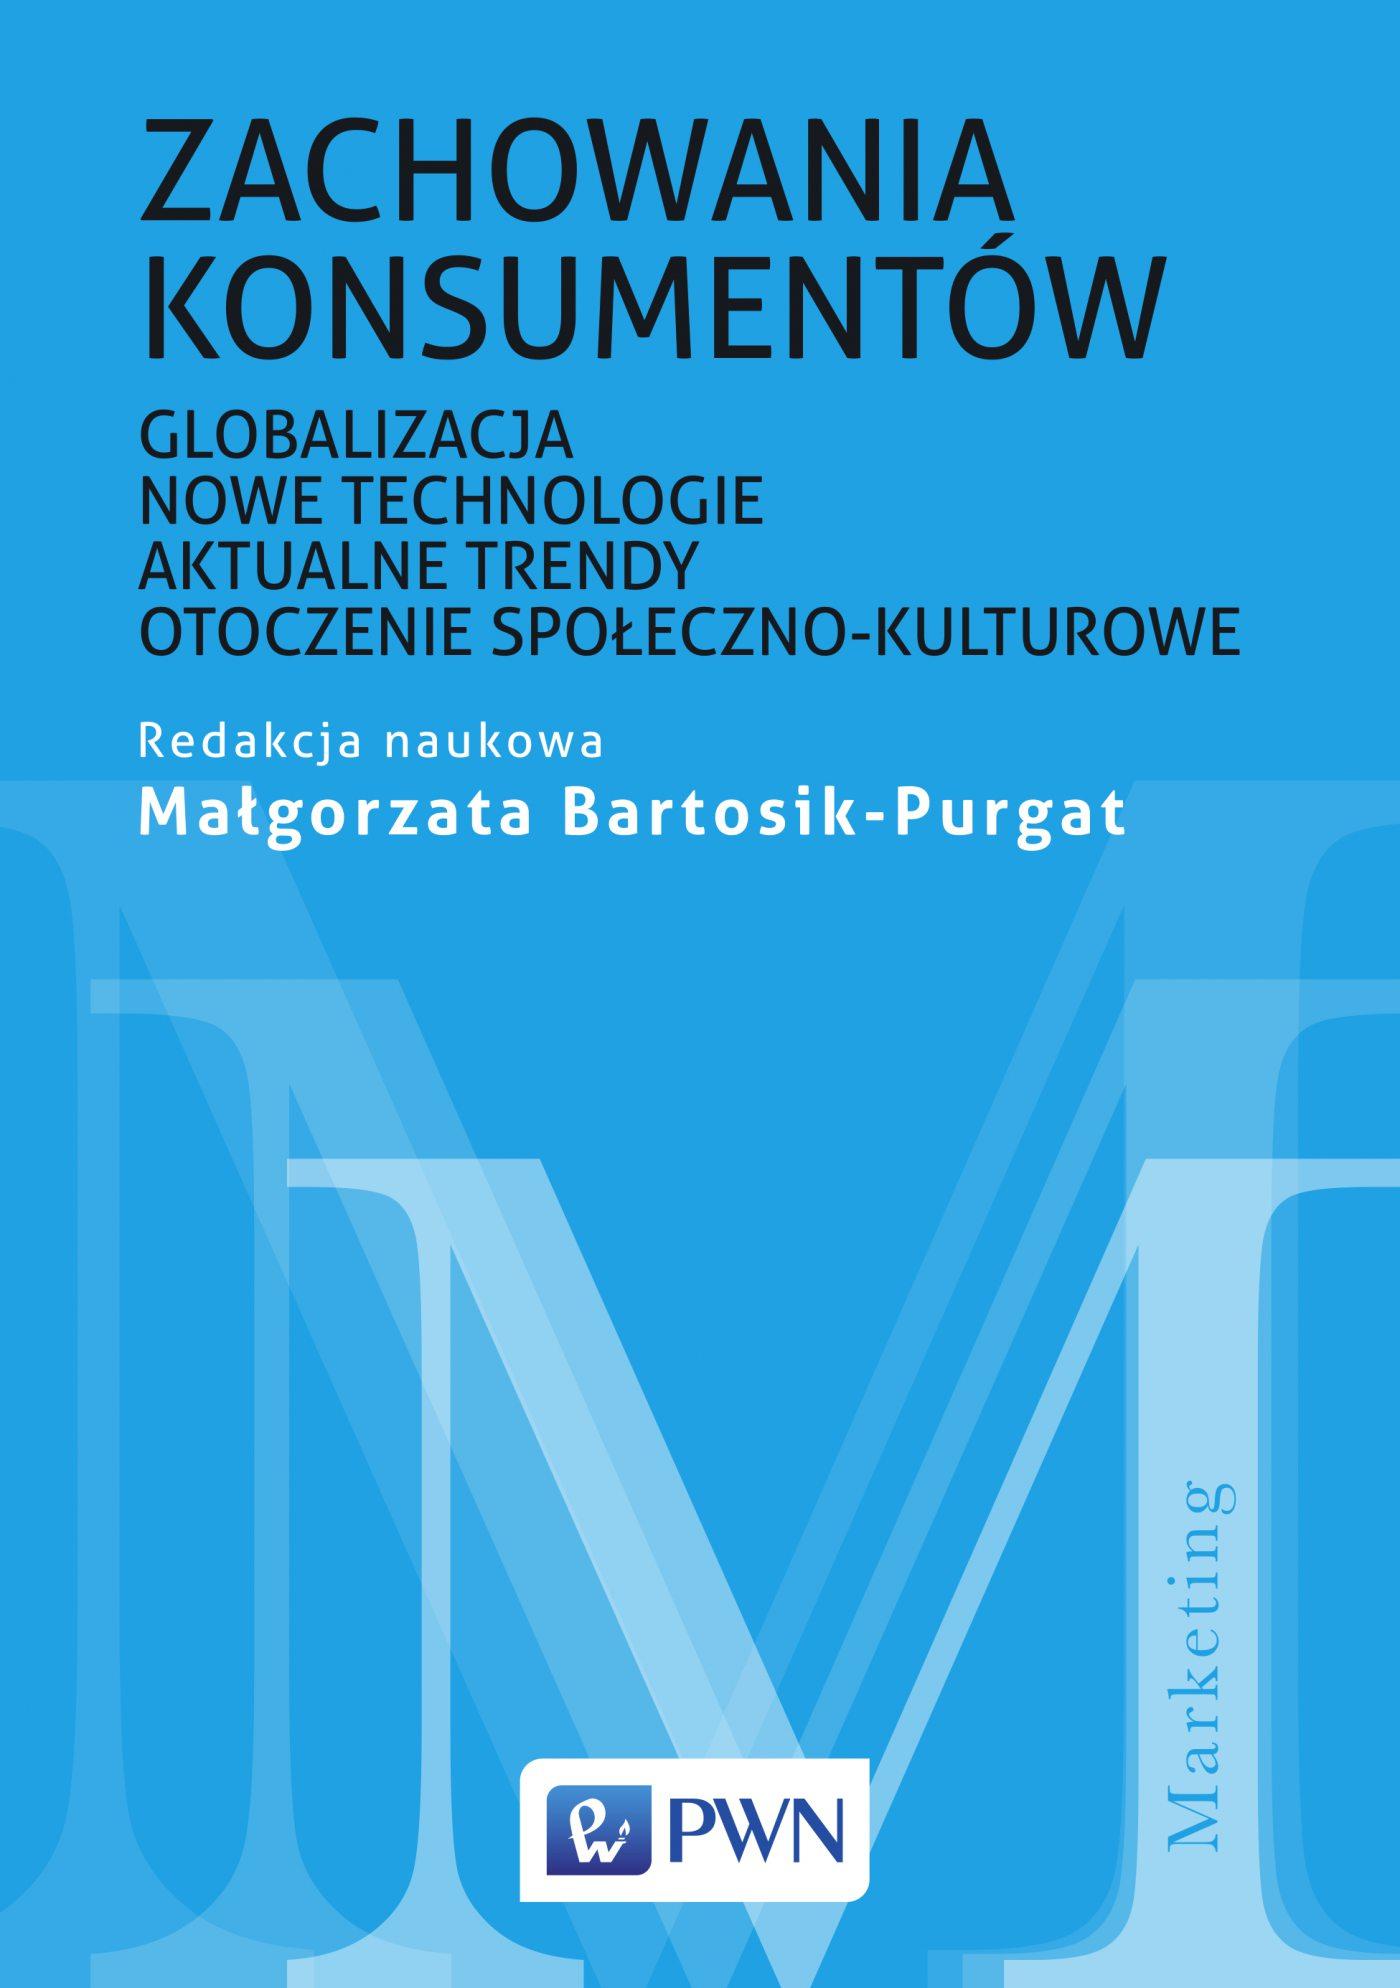 Zachowania konsumentów. Globalizacja, nowe technologie, aktualne trendy, otoczenie społeczno-kulturowe - Ebook (Książka EPUB) do pobrania w formacie EPUB